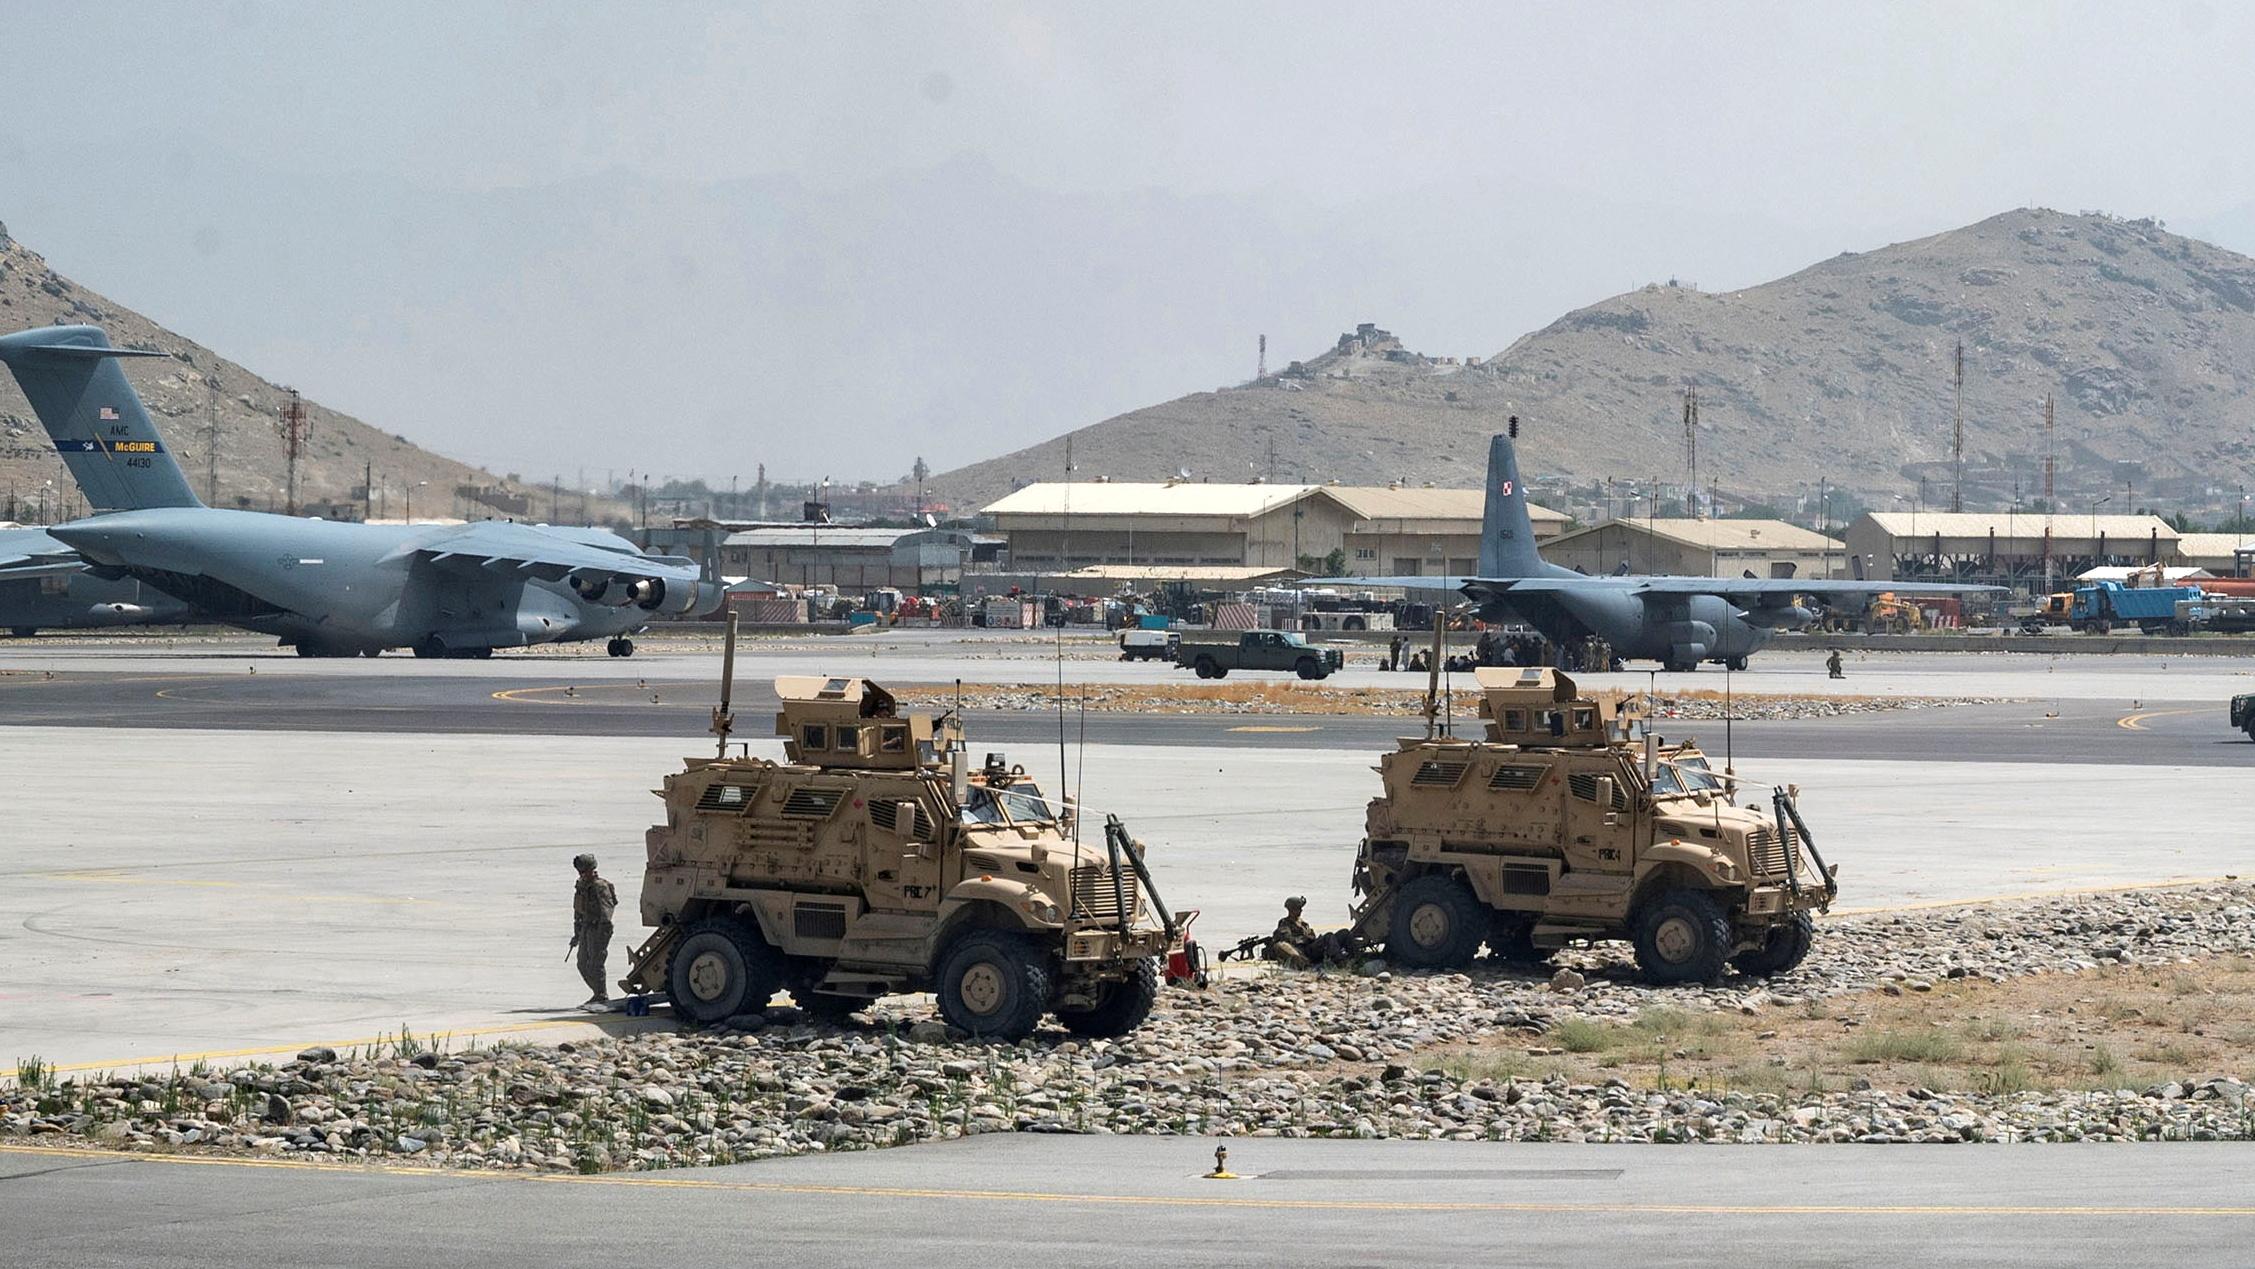 Αφγανιστάν: Οι ΗΠΑ κατέστρεψαν αεροσκάφη, θωρακισμένα και αντιαεροπορικά συστήματα πριν φύγουν